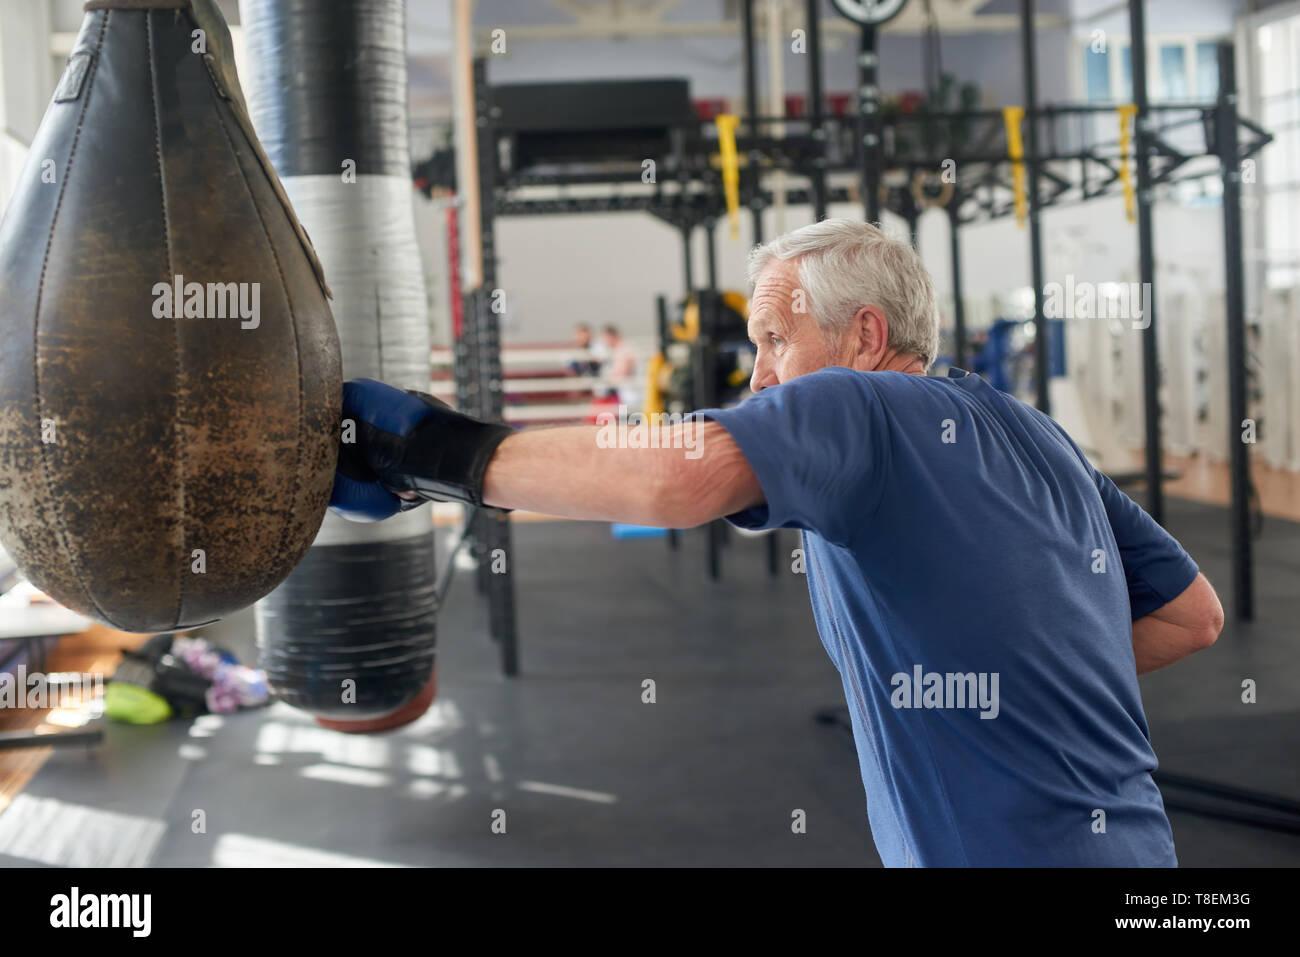 Mature man boxing punching bag. Senior caucasian sportsman boxing with punching bag at gym. - Stock Image